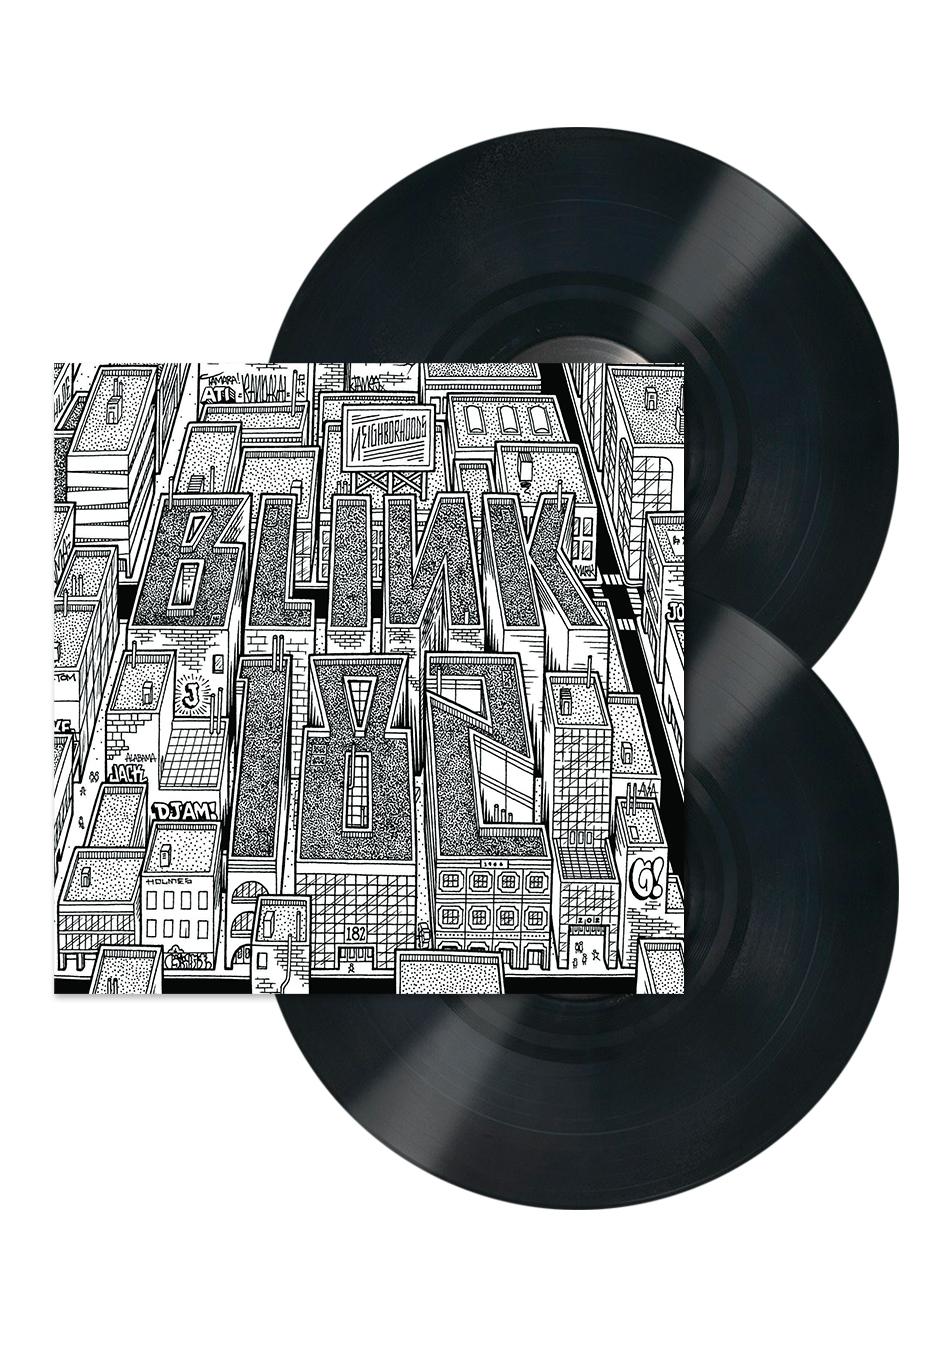 Blink 182 - Neighborhoods - Vinyl